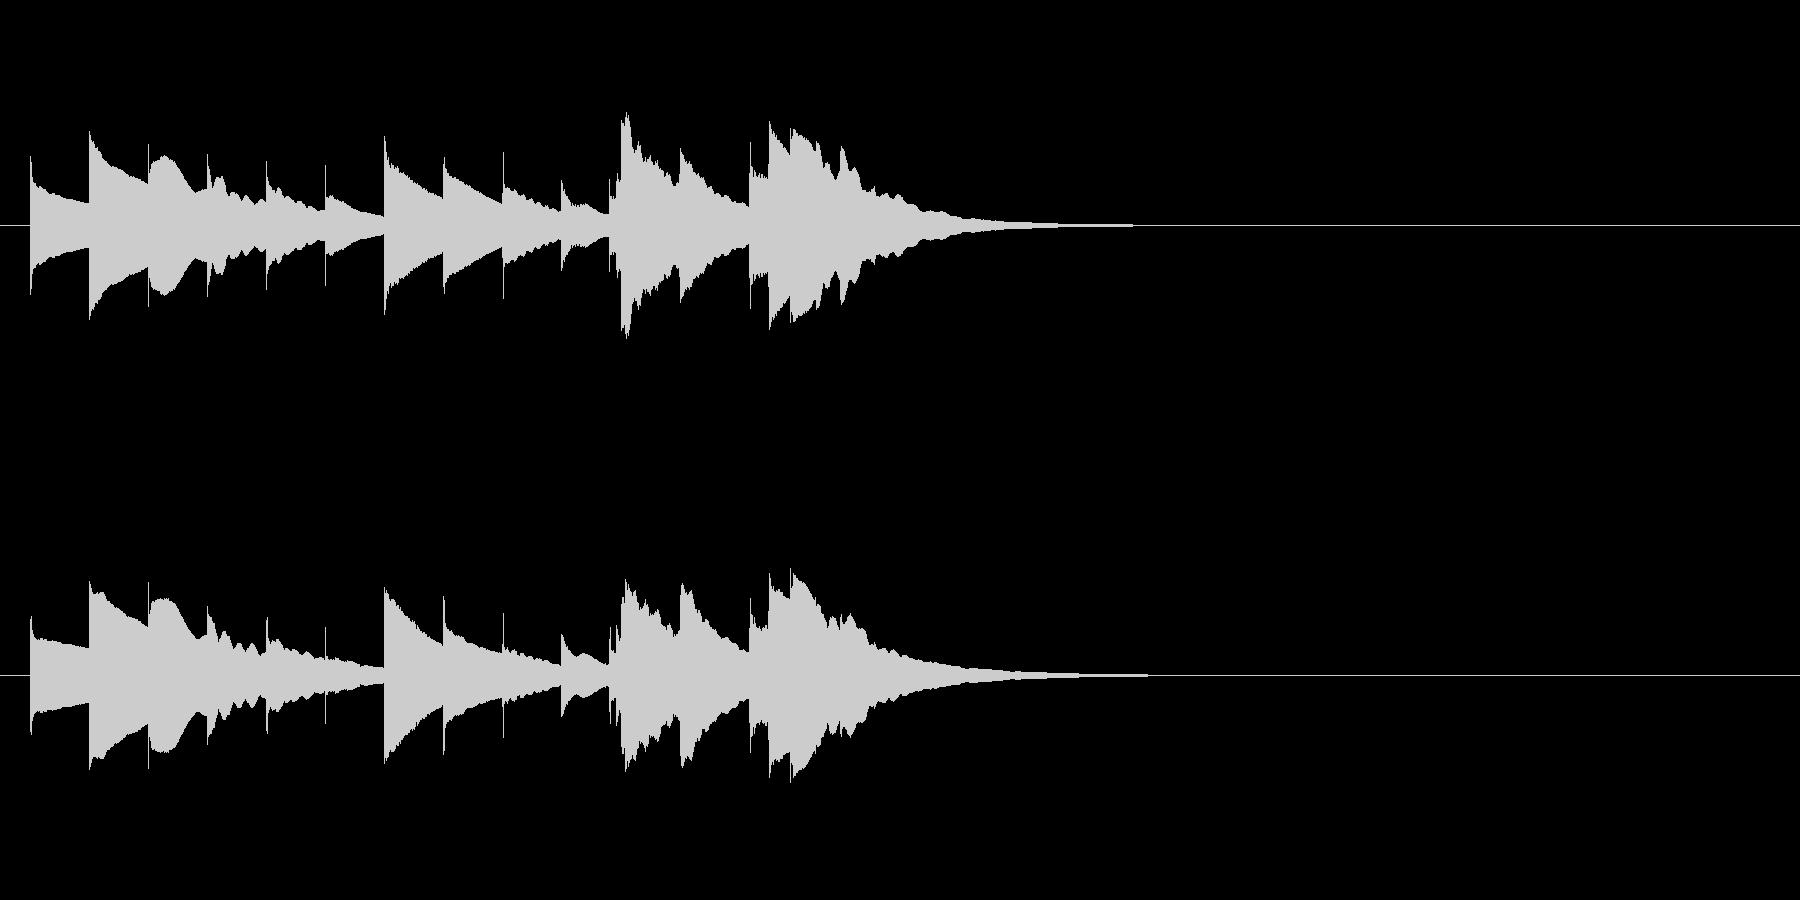 ほのぼのまったり短めオルゴールジングルの未再生の波形